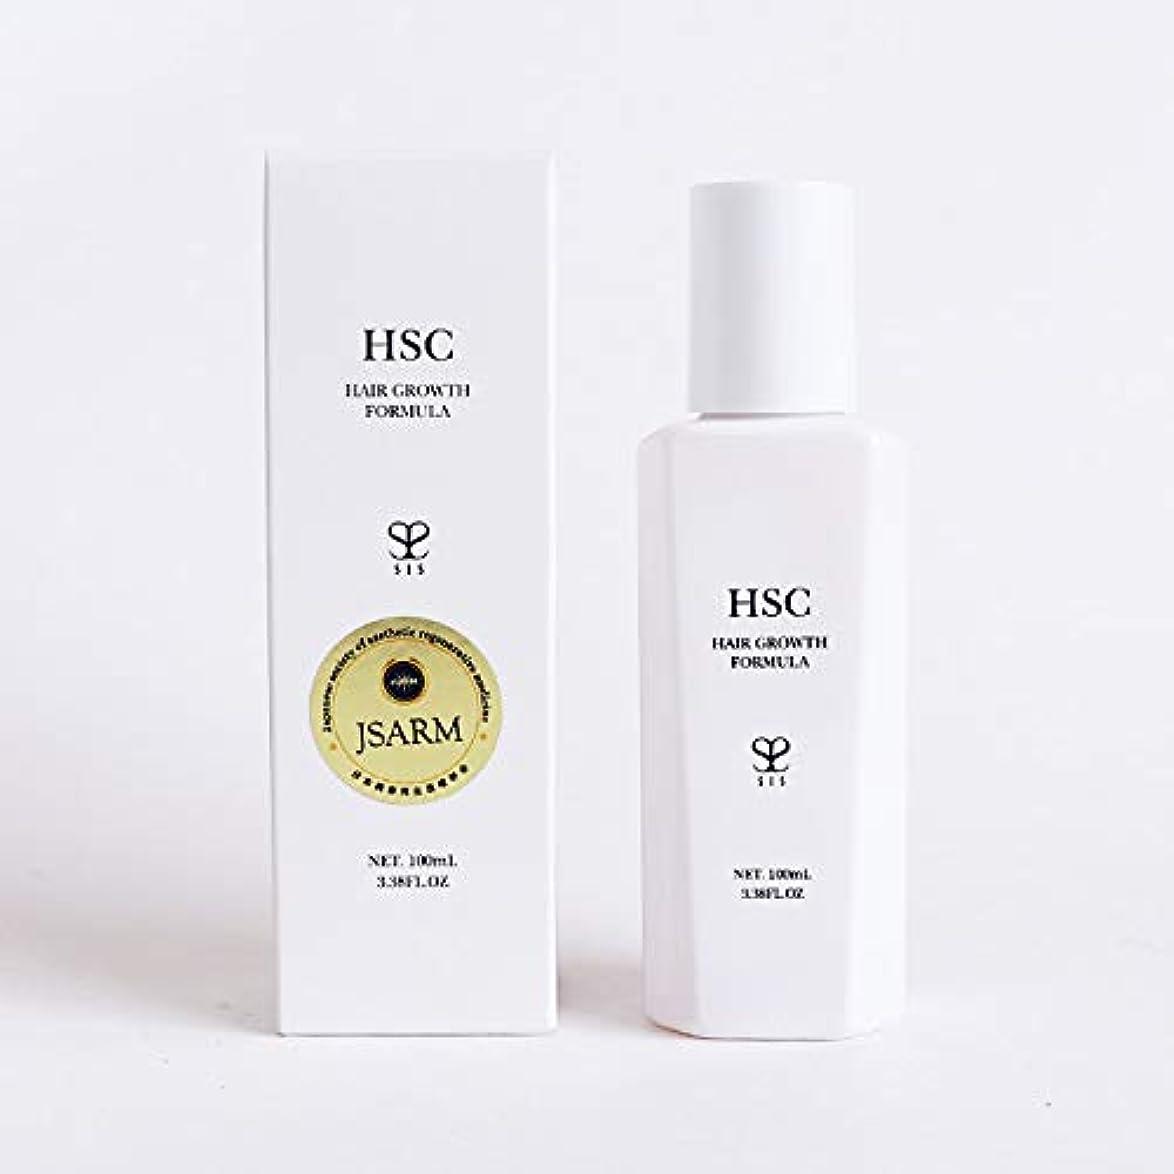 休憩ウールうねるサロン専用 cosbi HSC ヒト幹細胞 育毛 養毛 強髪スパ 髪質改善 美髪 ヒト脂肪由来幹細胞培養液&アーユルヴェーダハーブ配合 コスビ